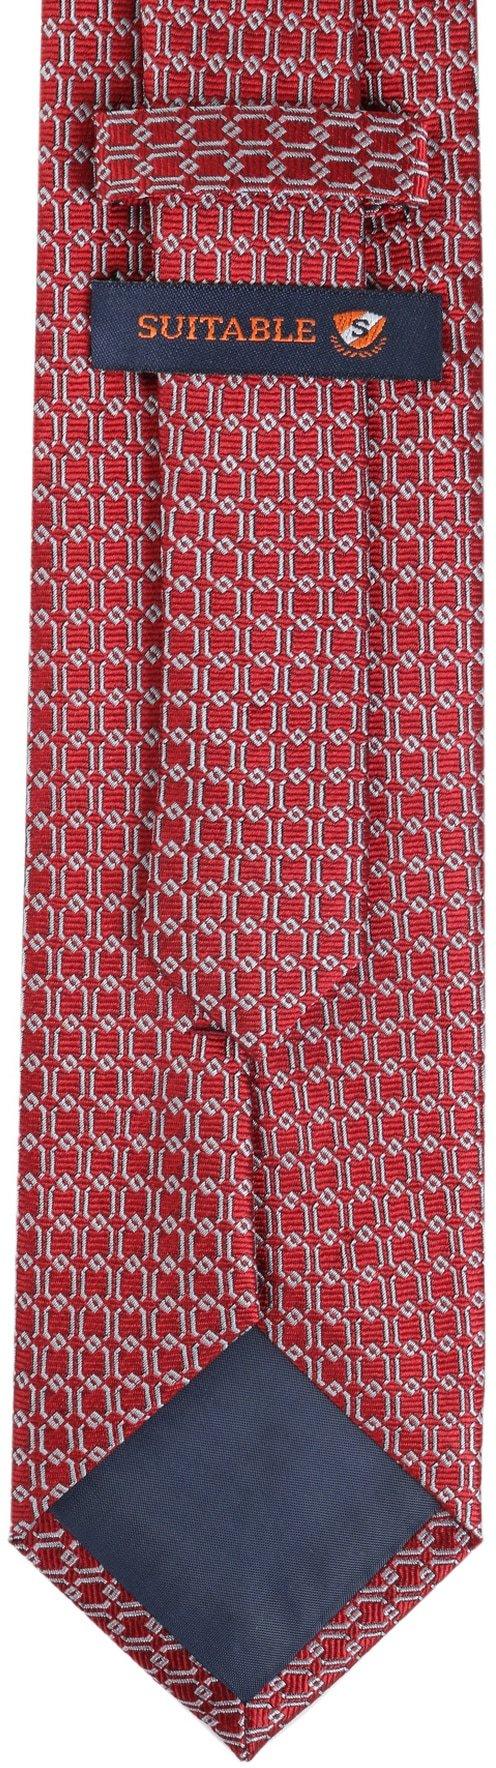 Krawatte Seide Dessin Rot Gitter foto 3